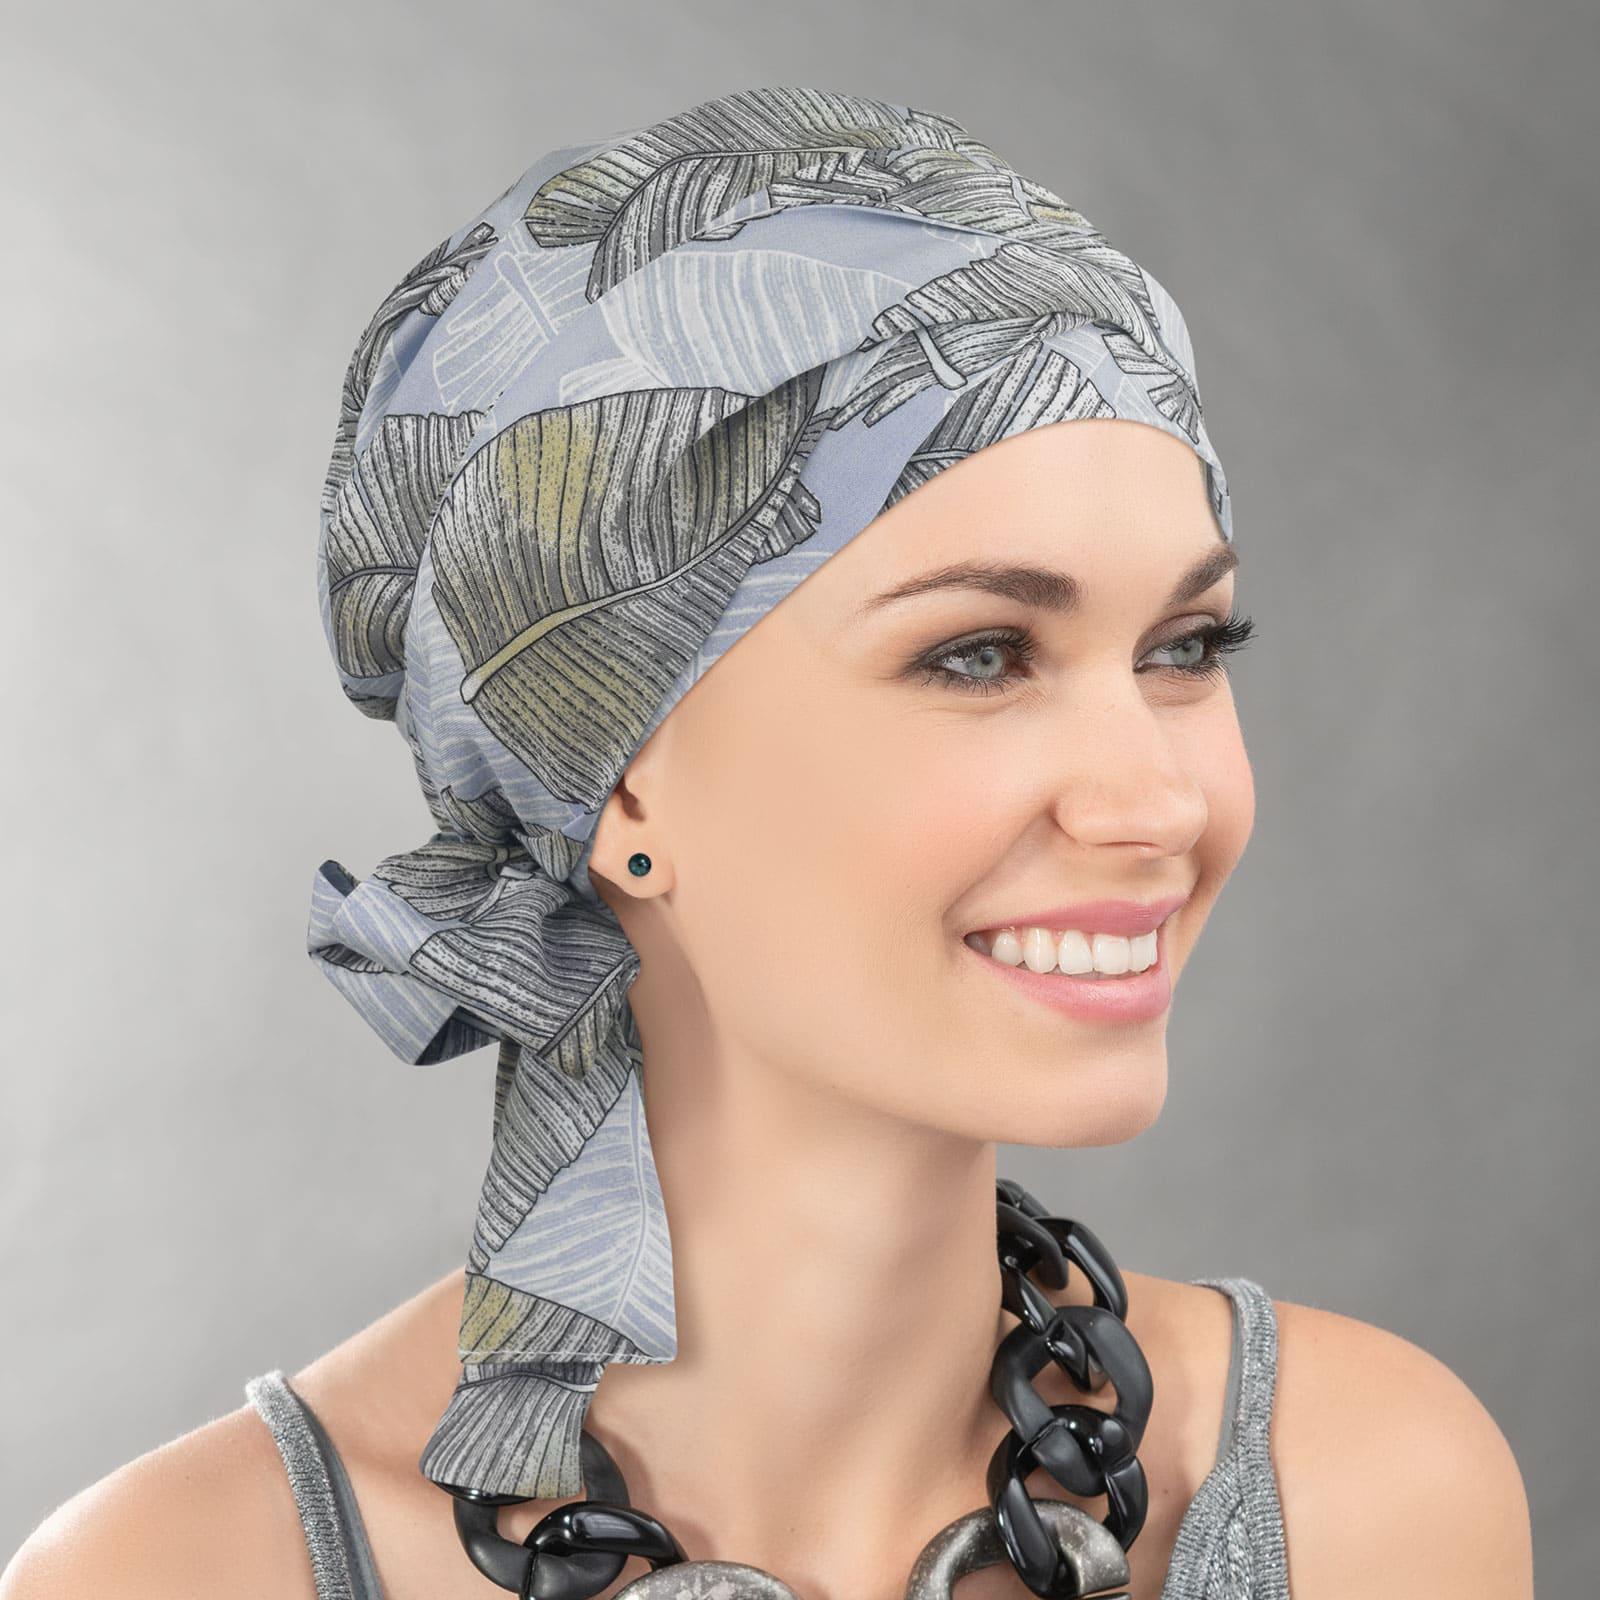 Ellen Wille Kopfbedeckung - Ama Fina